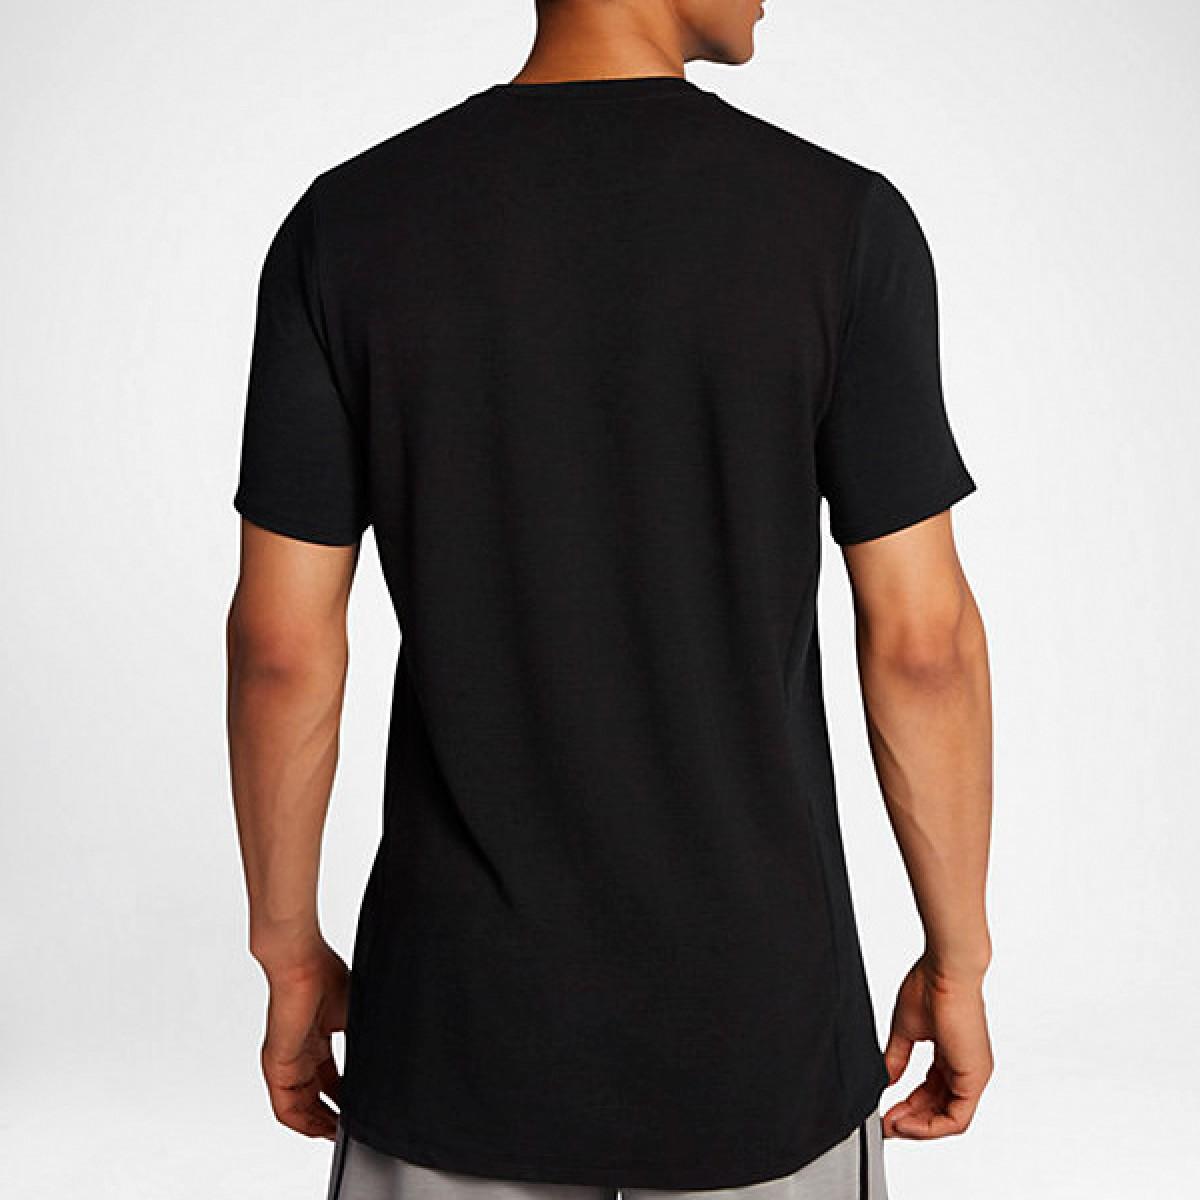 Nike Dry Top 'Black' 895206-010